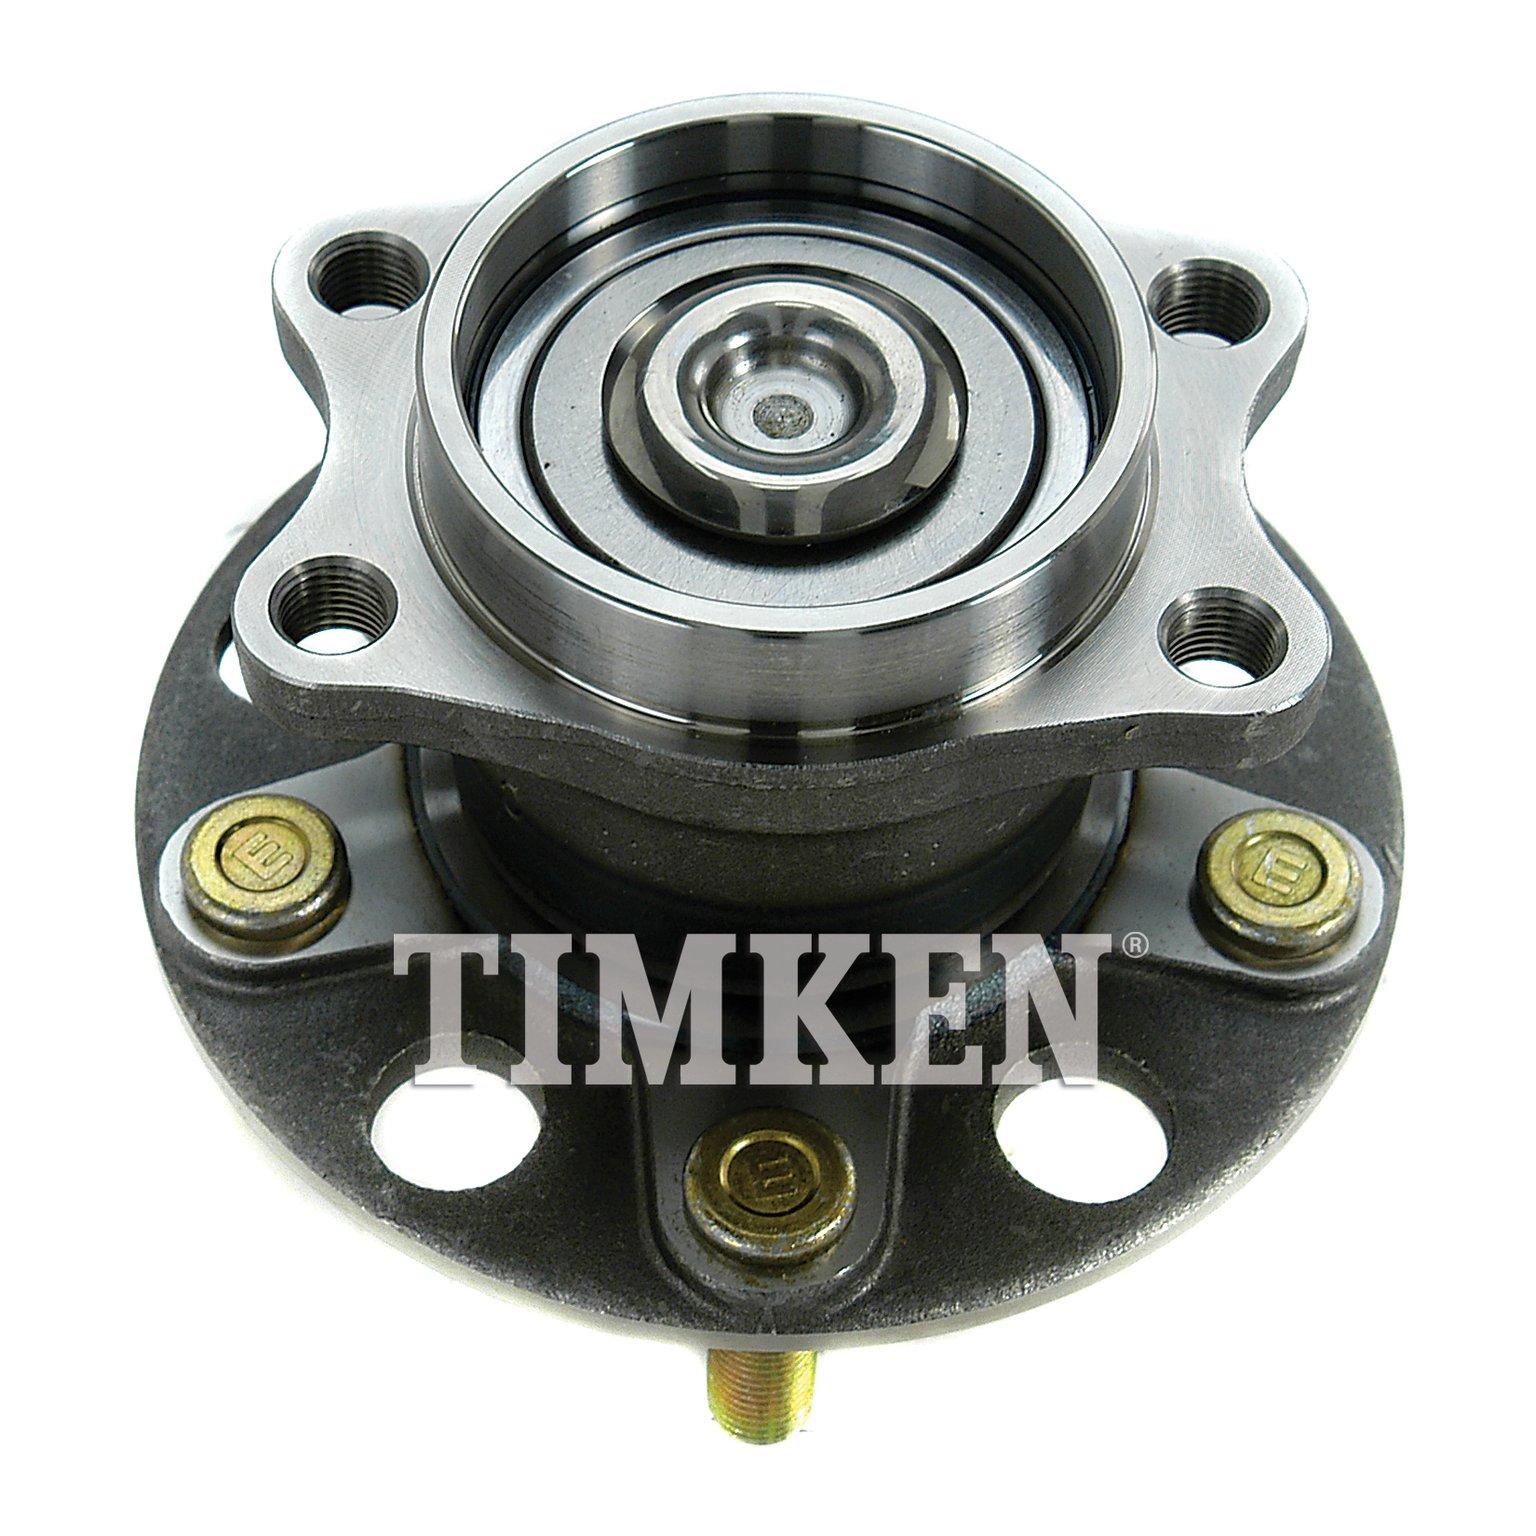 2007 dodge caliber axle bearing and hub assembly timken bearing ha590221